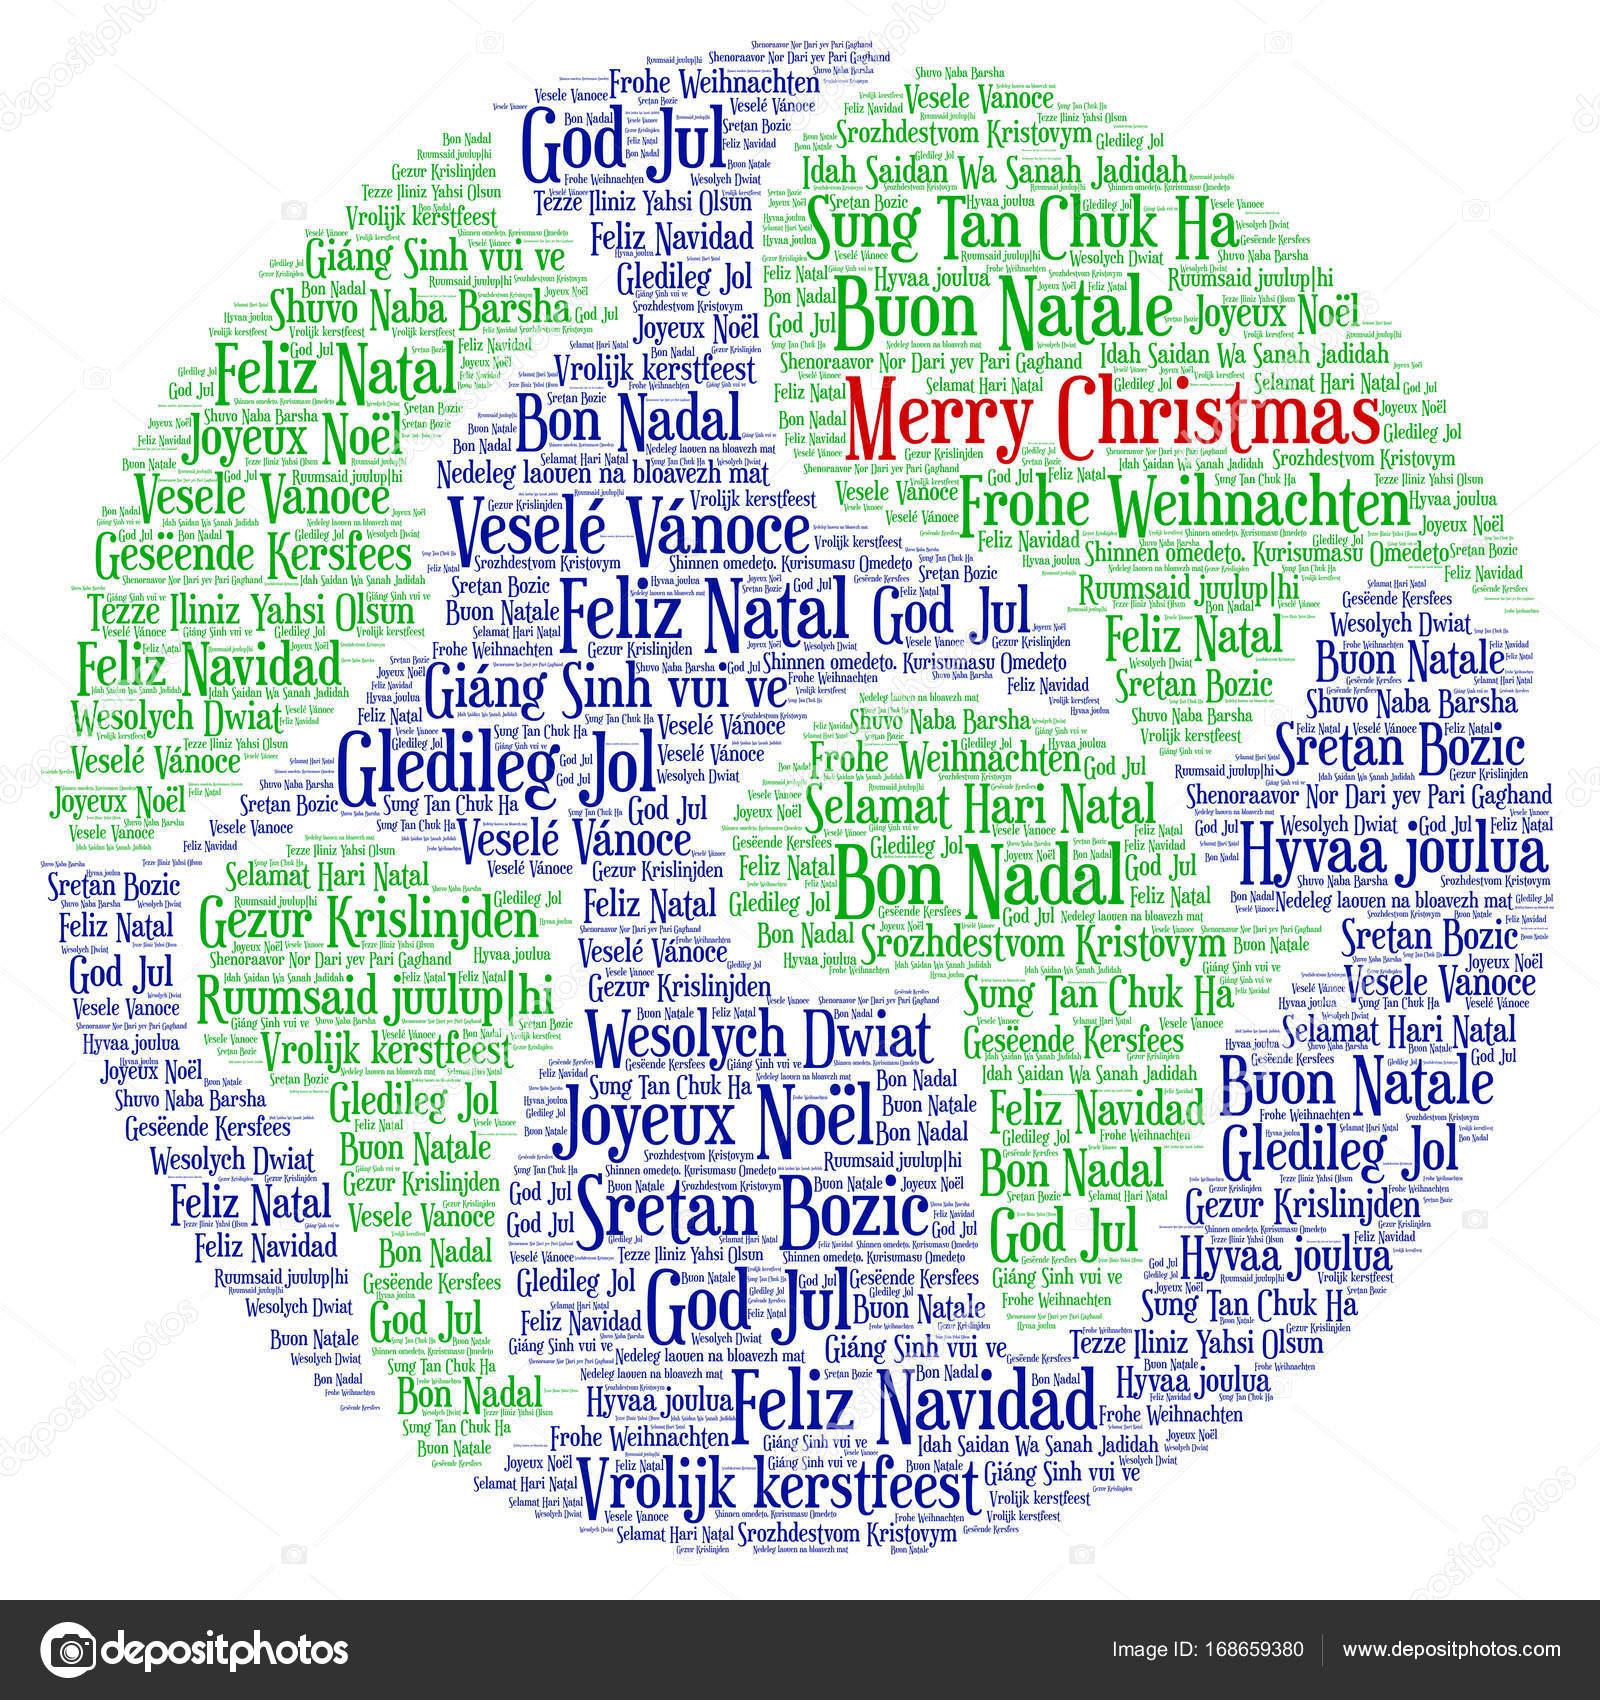 Frohe Weihnachten Verschiedene Sprachen Kostenlos.Worter Wolke Frohe Weihnachten In Allen Sprachen Der Welt